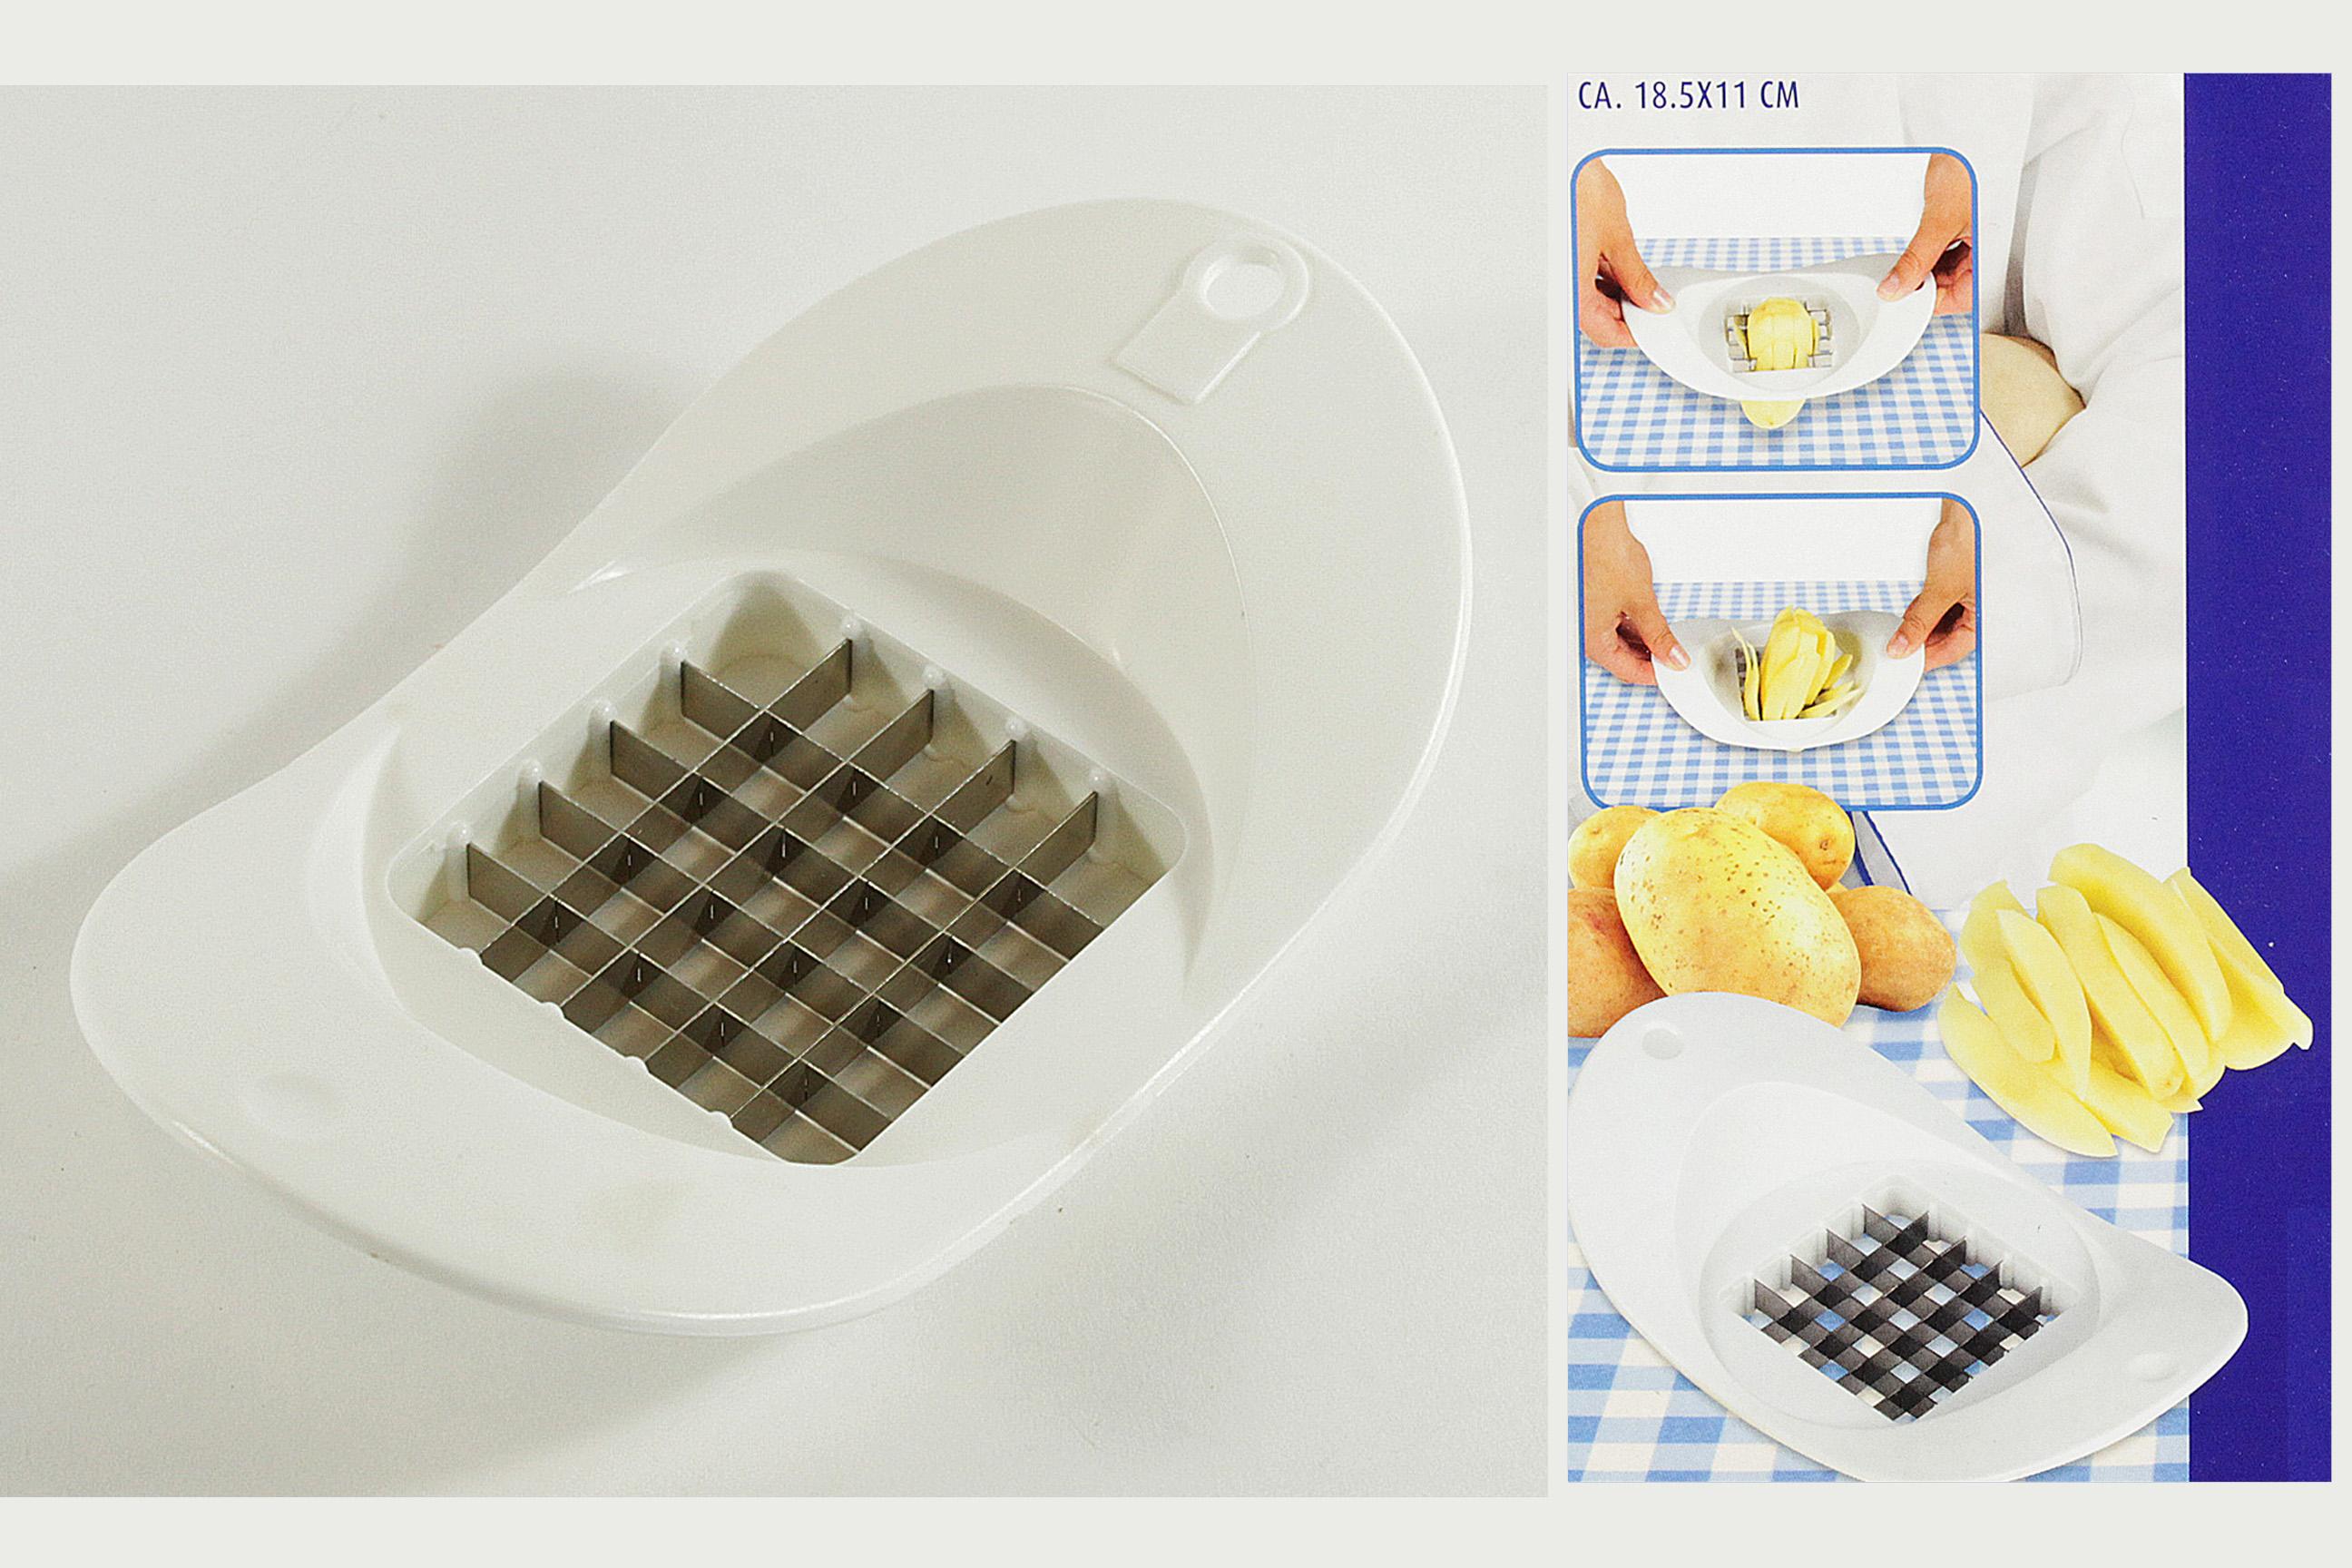 kartoffelschneider pommes frites schneider pommes. Black Bedroom Furniture Sets. Home Design Ideas